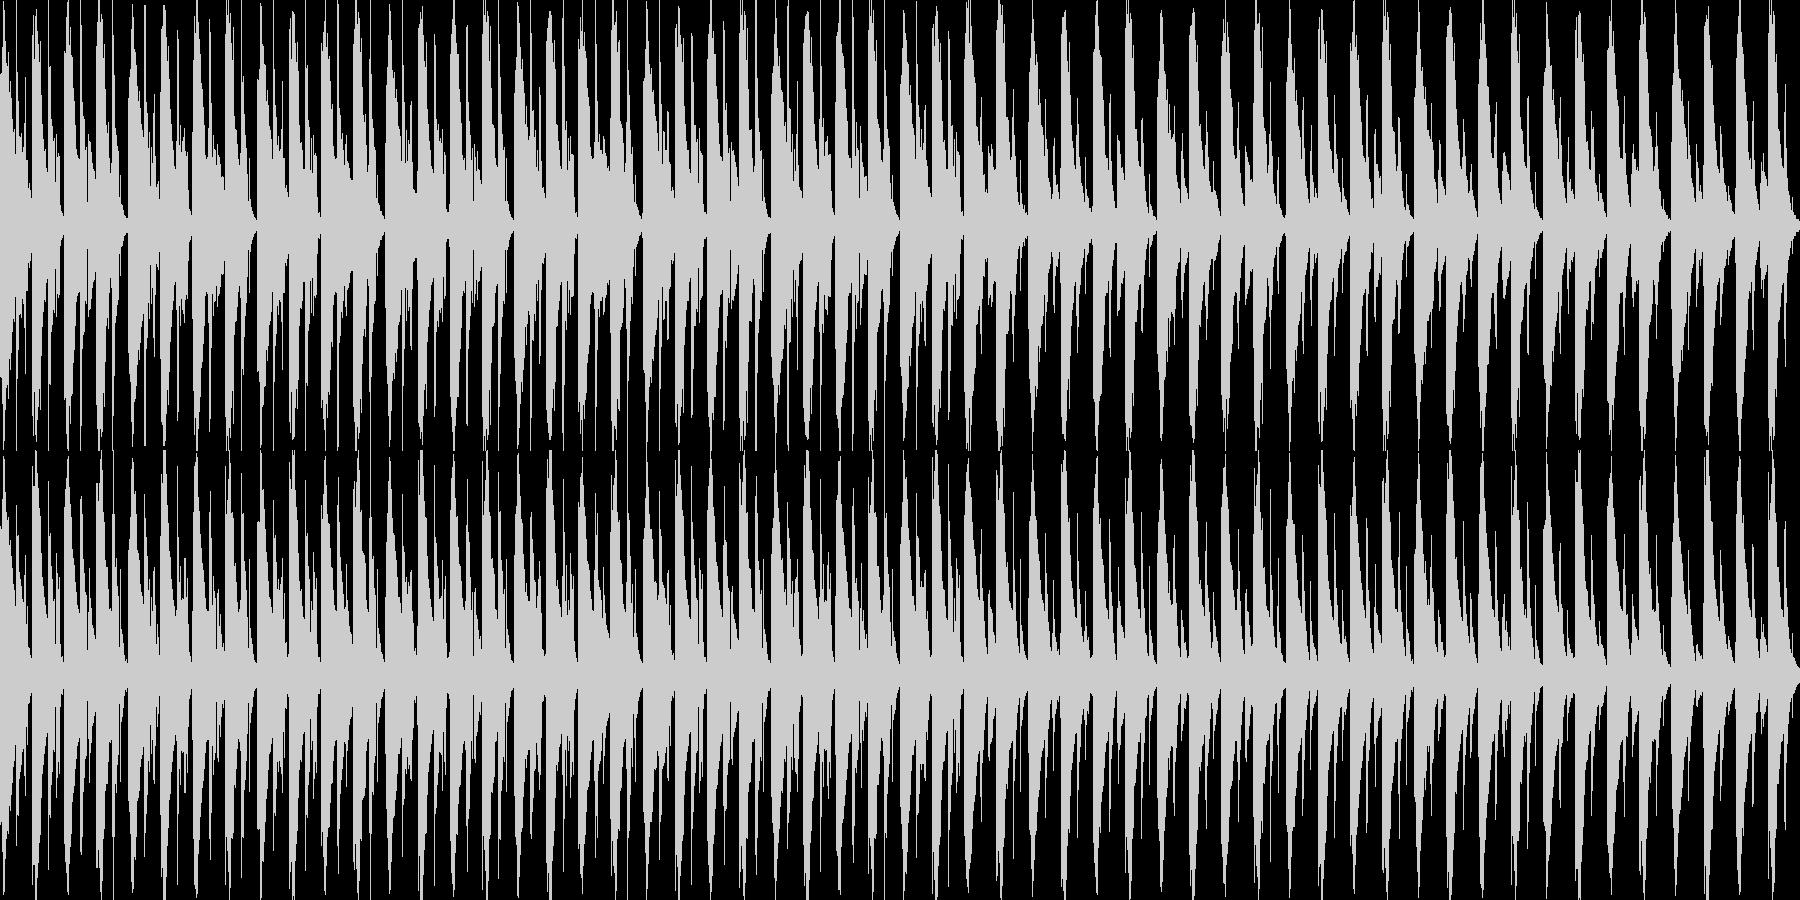 進歩的な技術/ハウス。反復的で、や...の未再生の波形